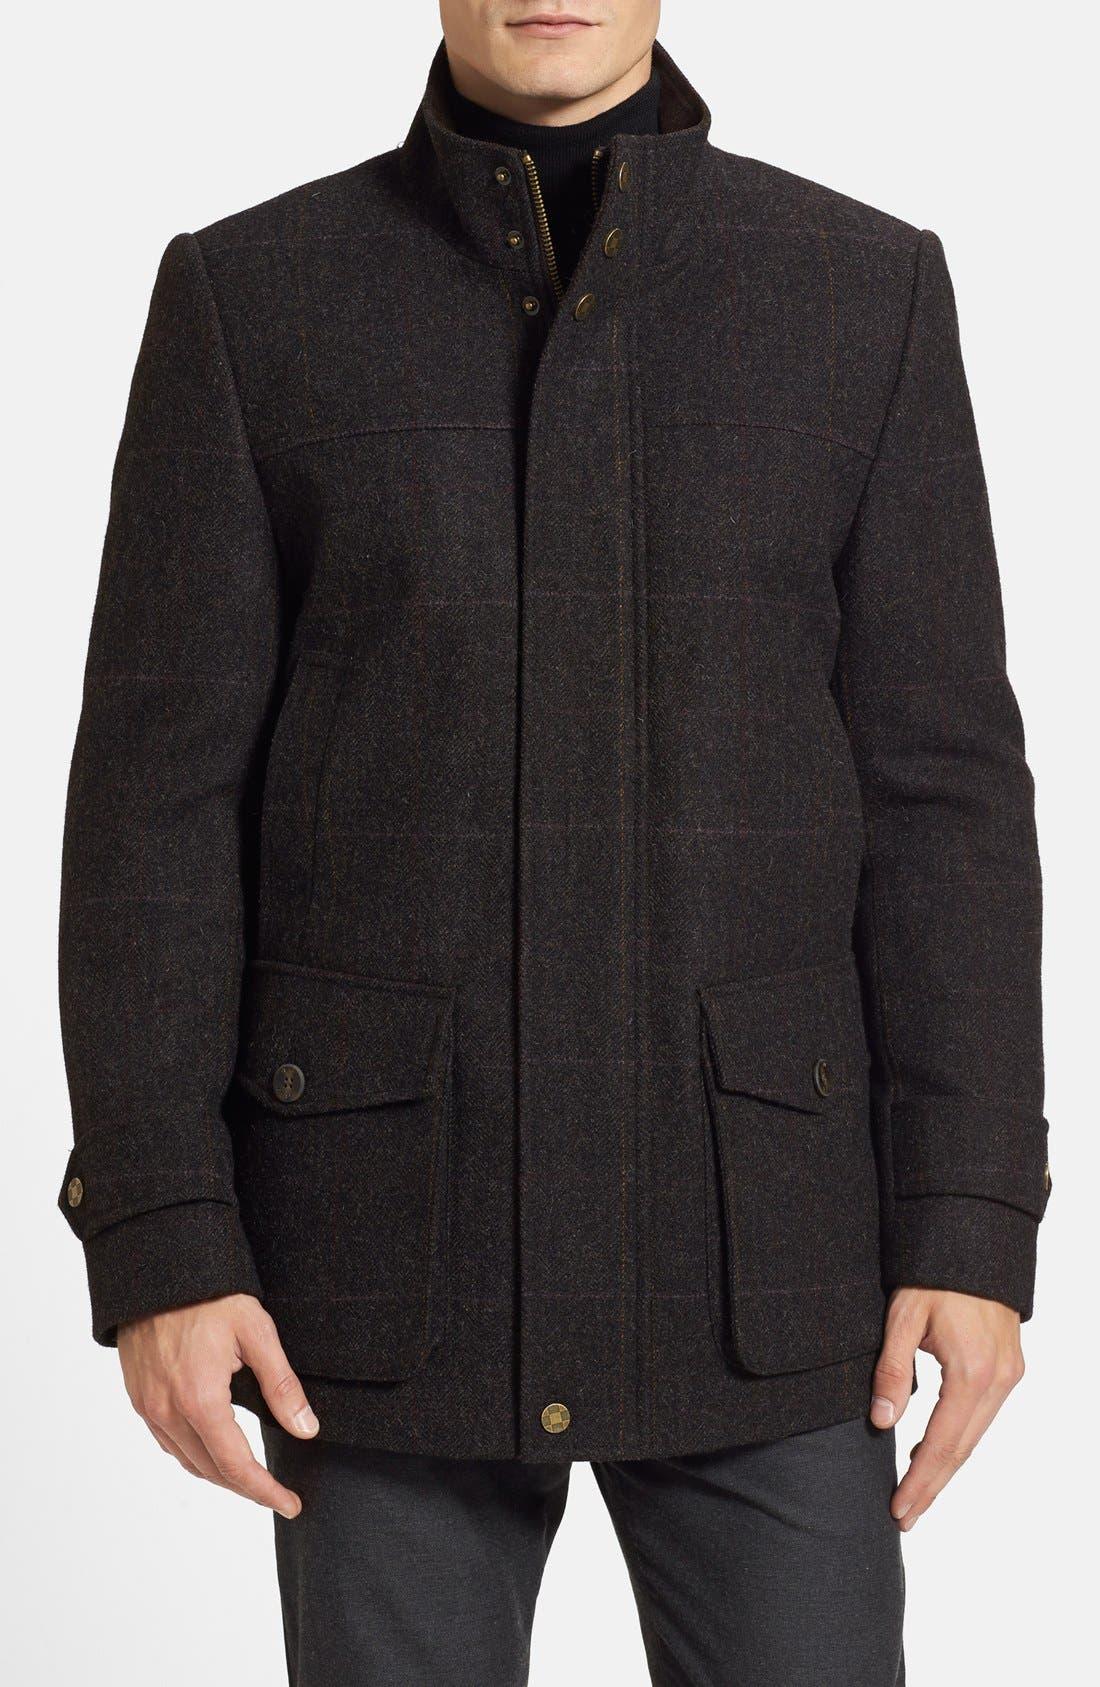 Vince Camuto 'Shetland' Luxury Wool Coat